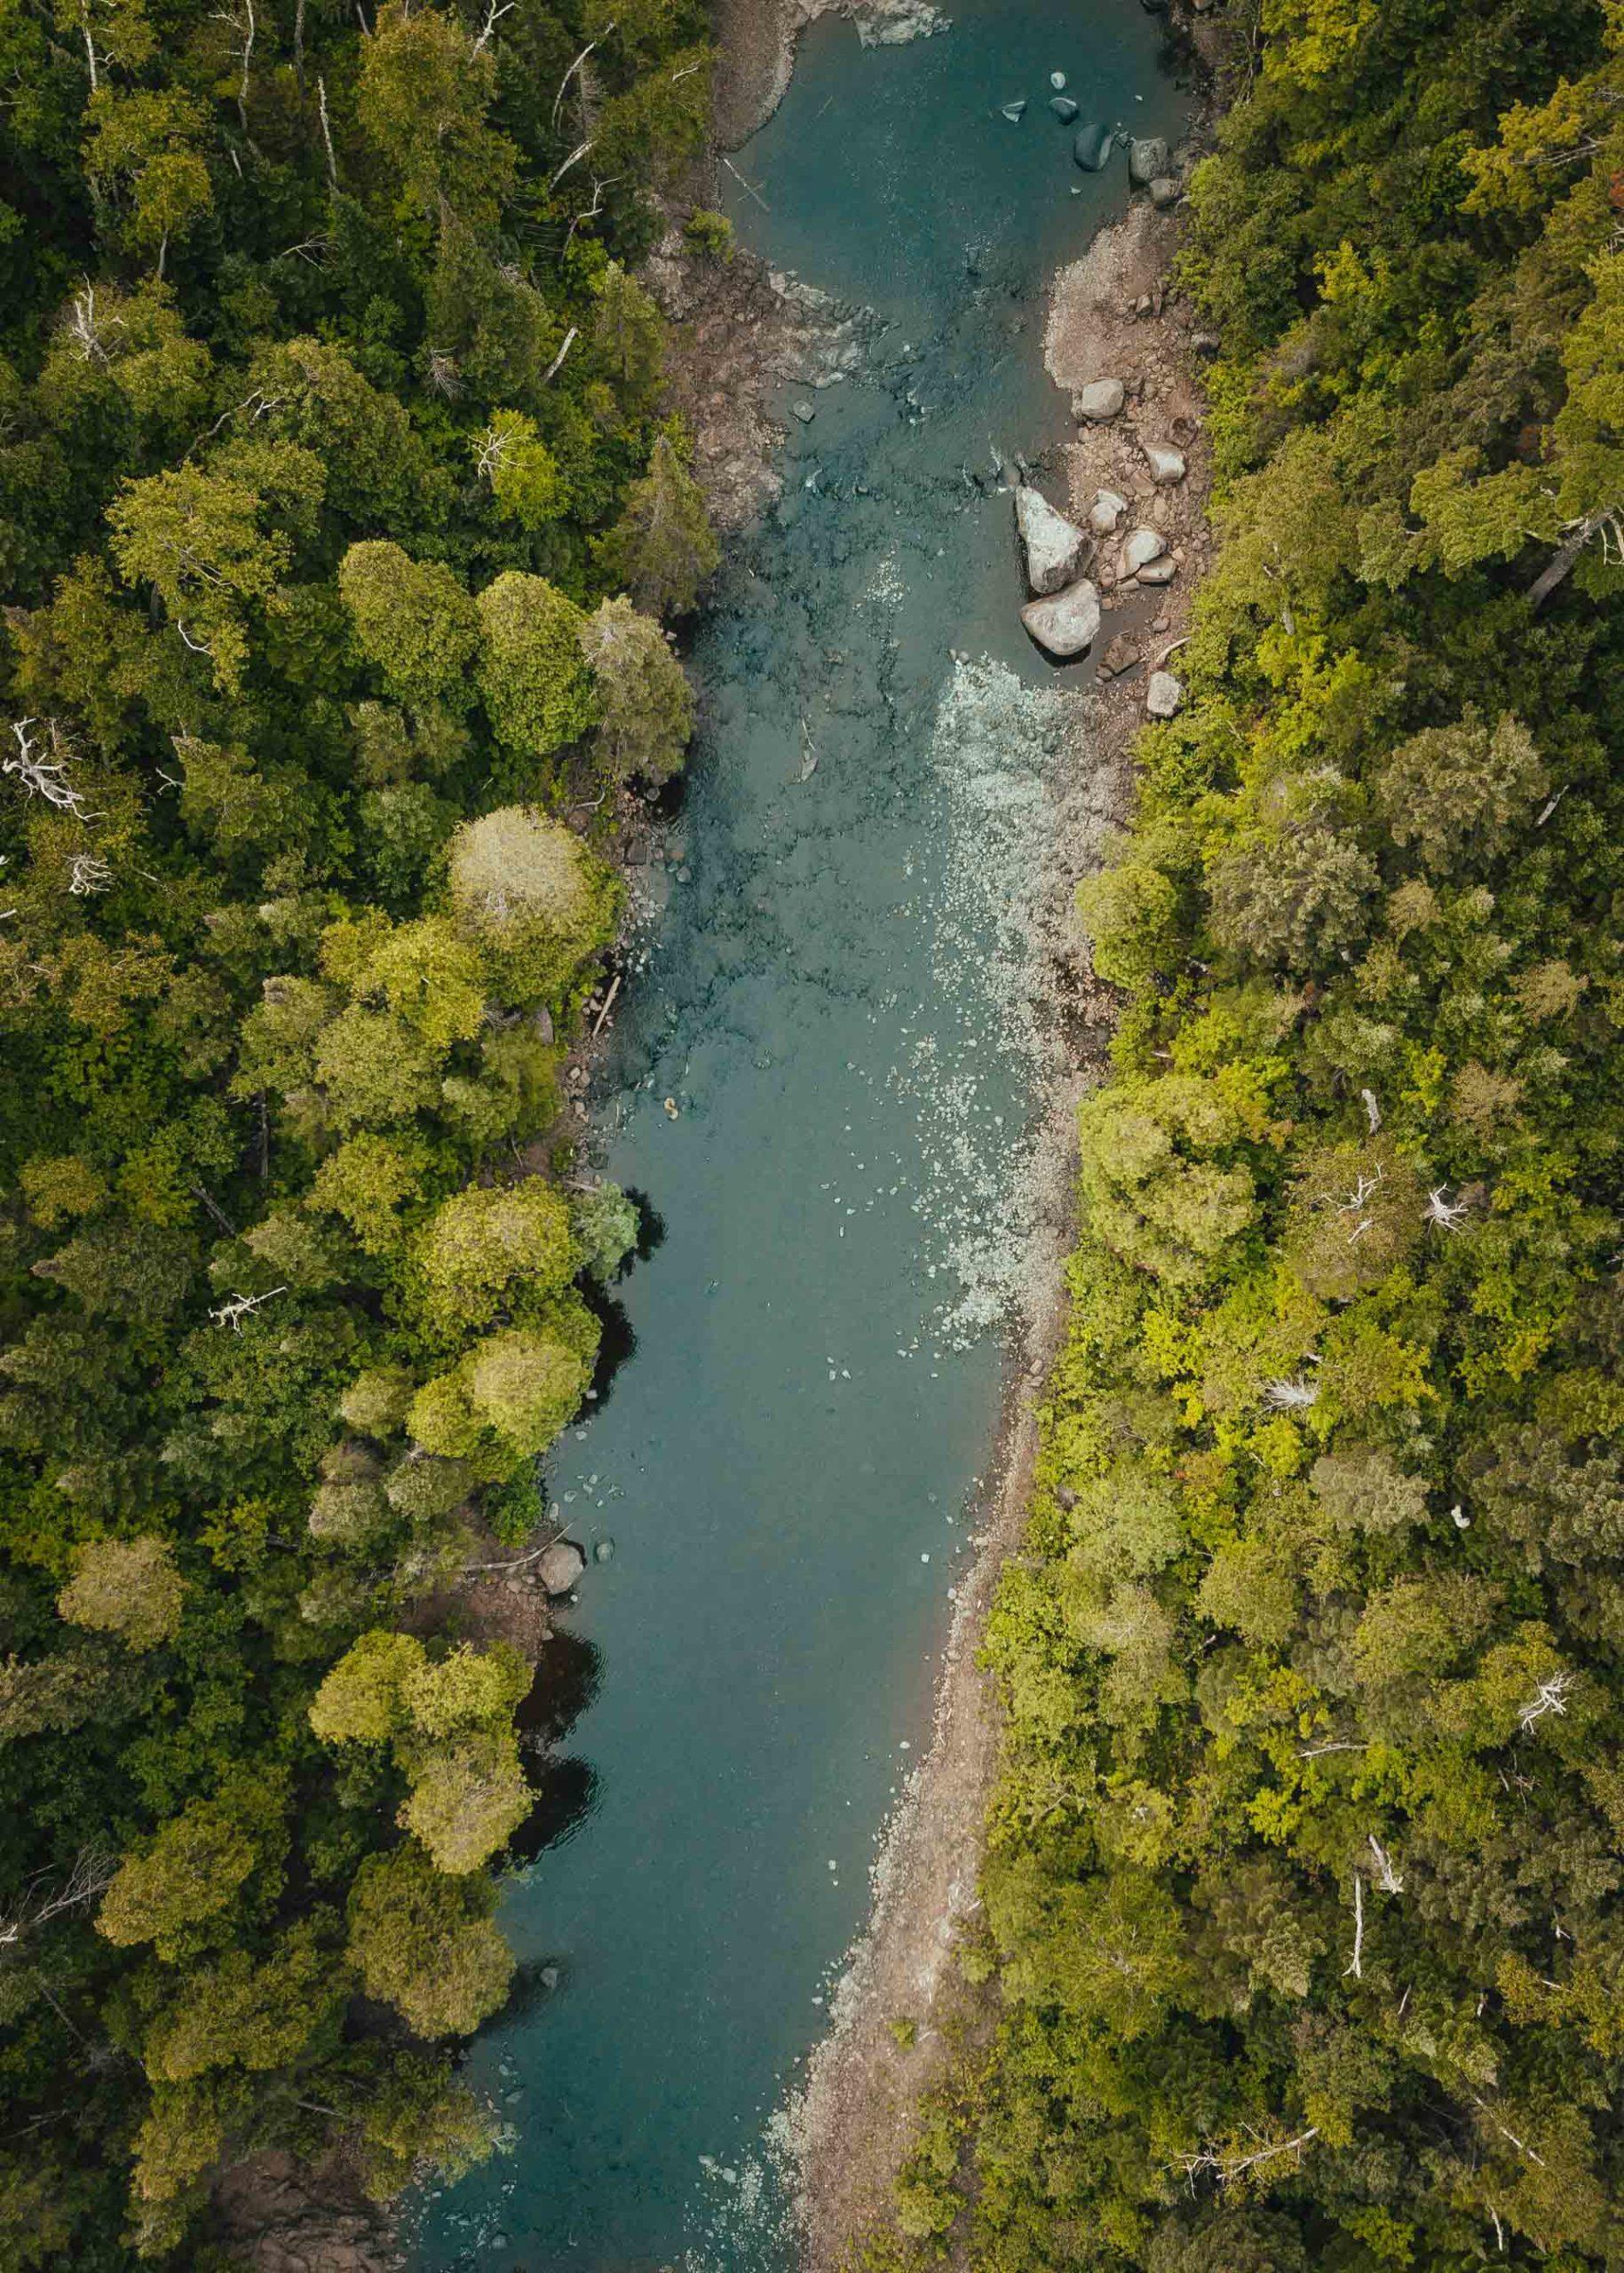 Cuidar de nuestro planeta implica consumir y producir de forma responsable